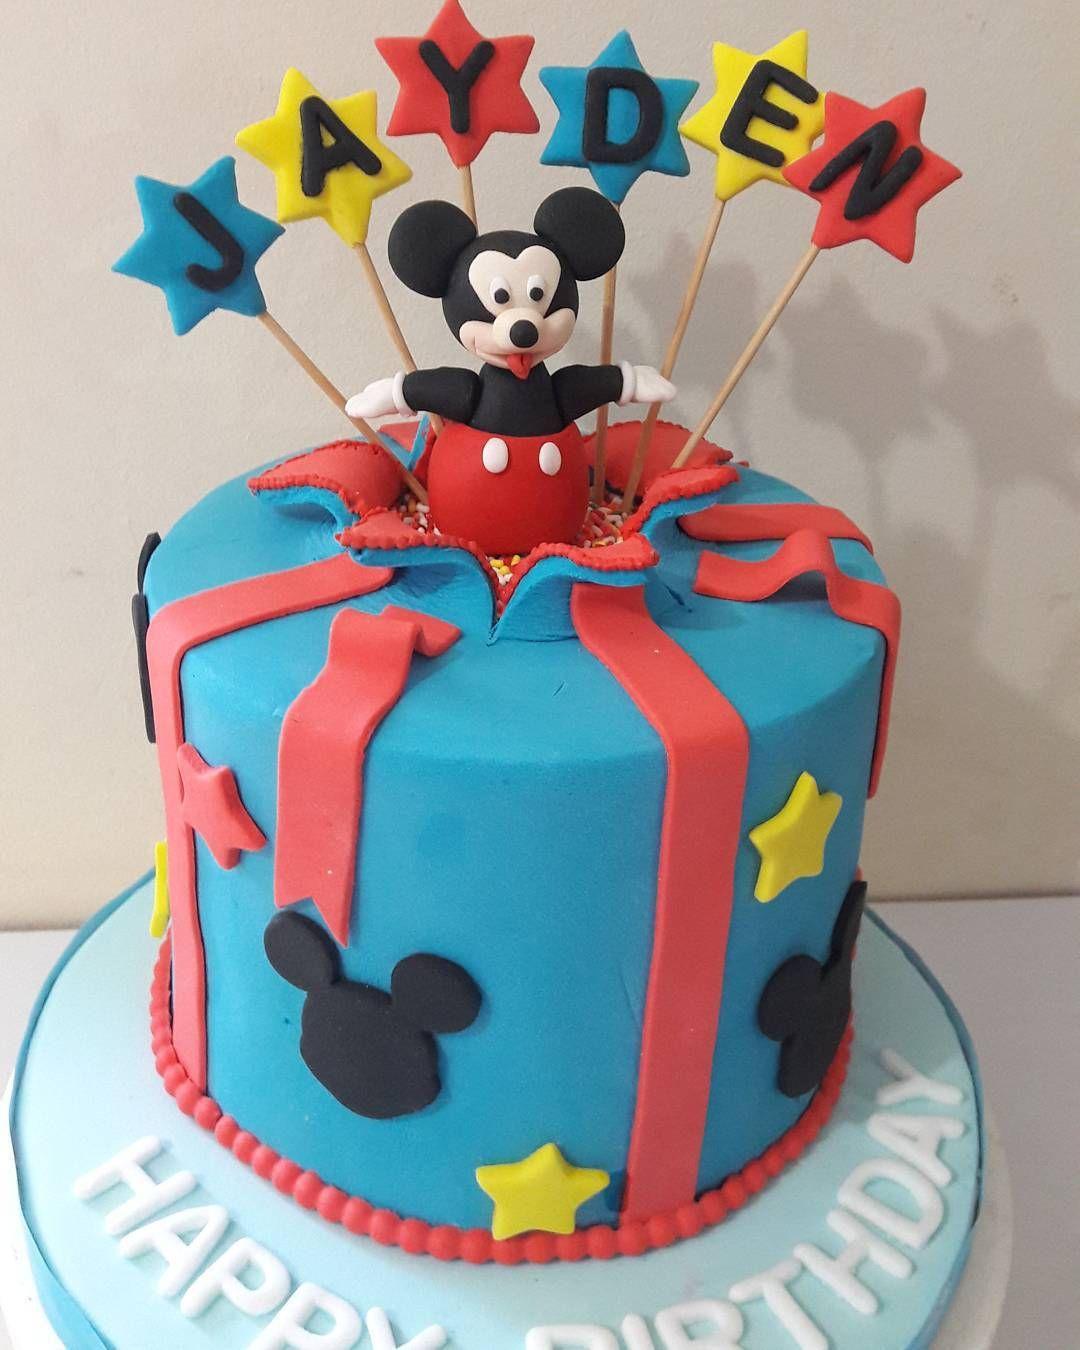 Best Ever Birthday Cake Ideas Online